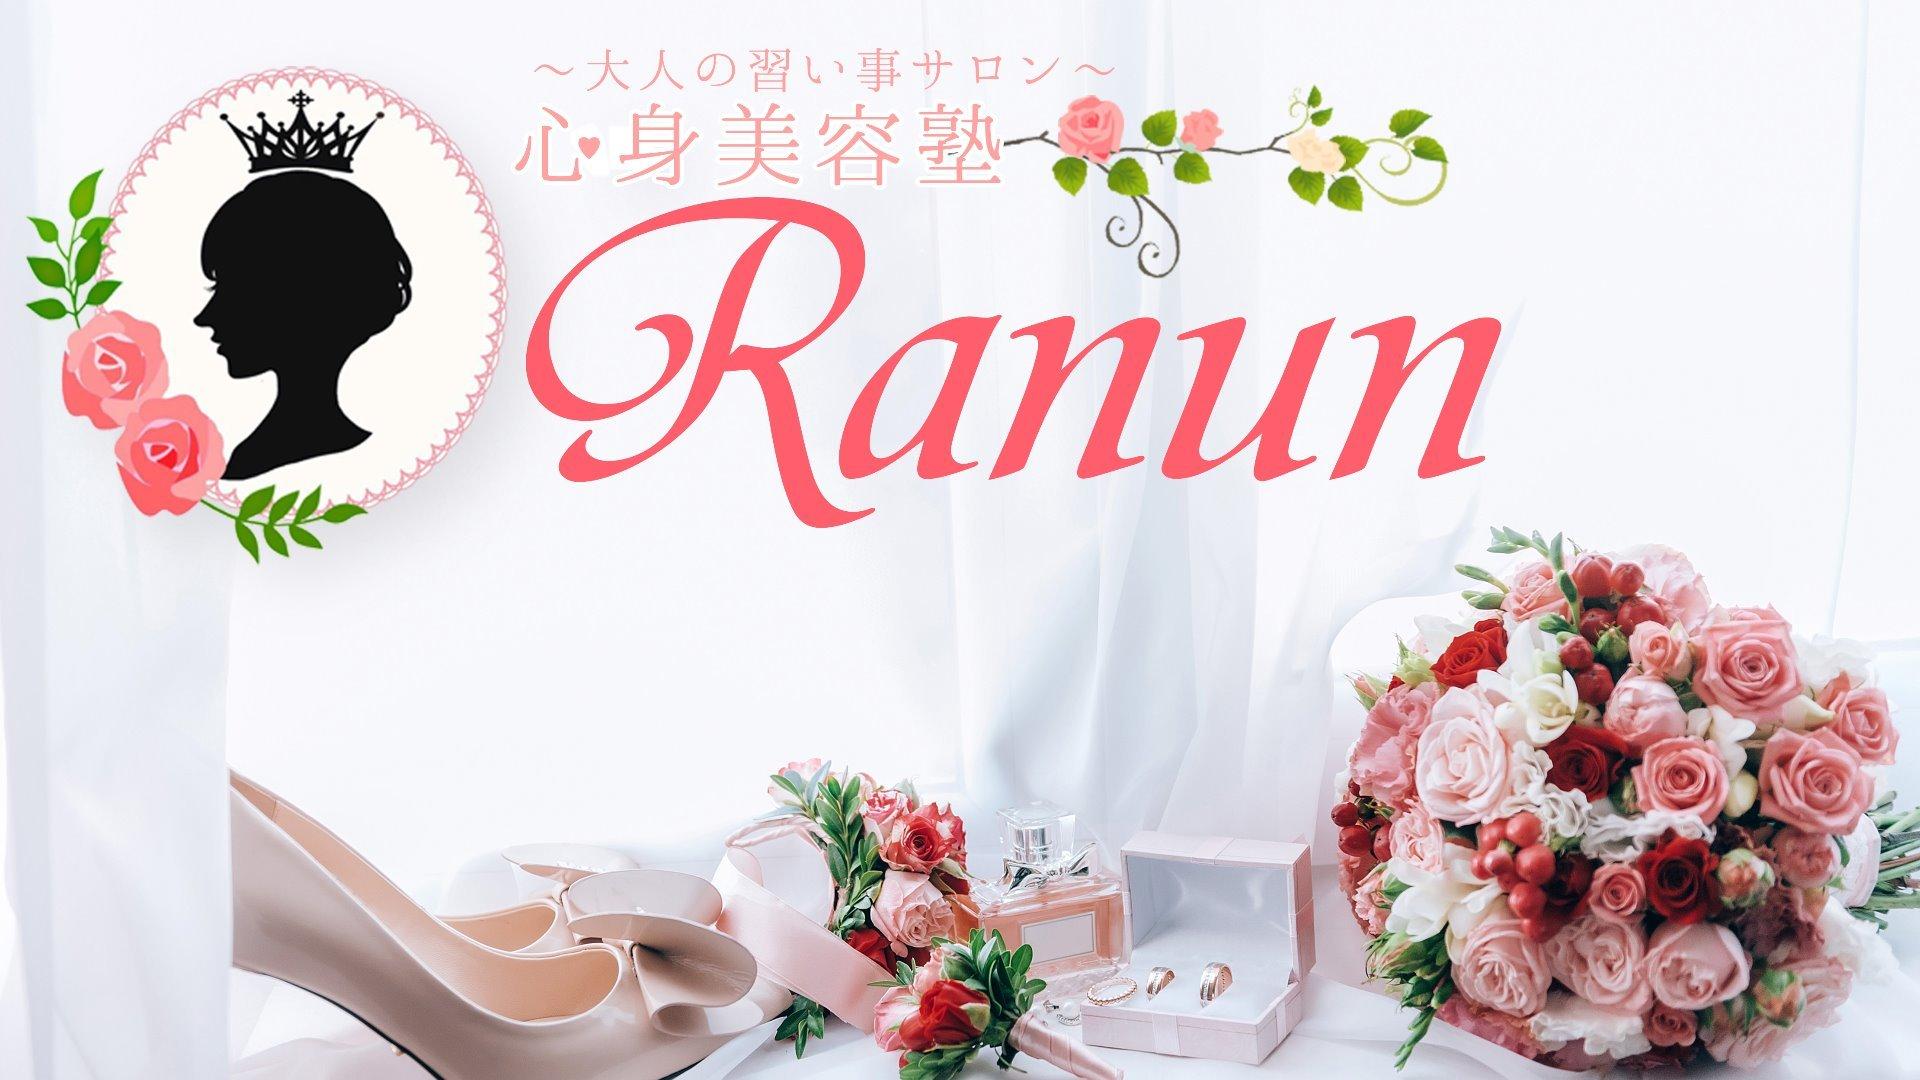 水紀 華 - 心身美容塾Ranun - DMM オンラインサロン